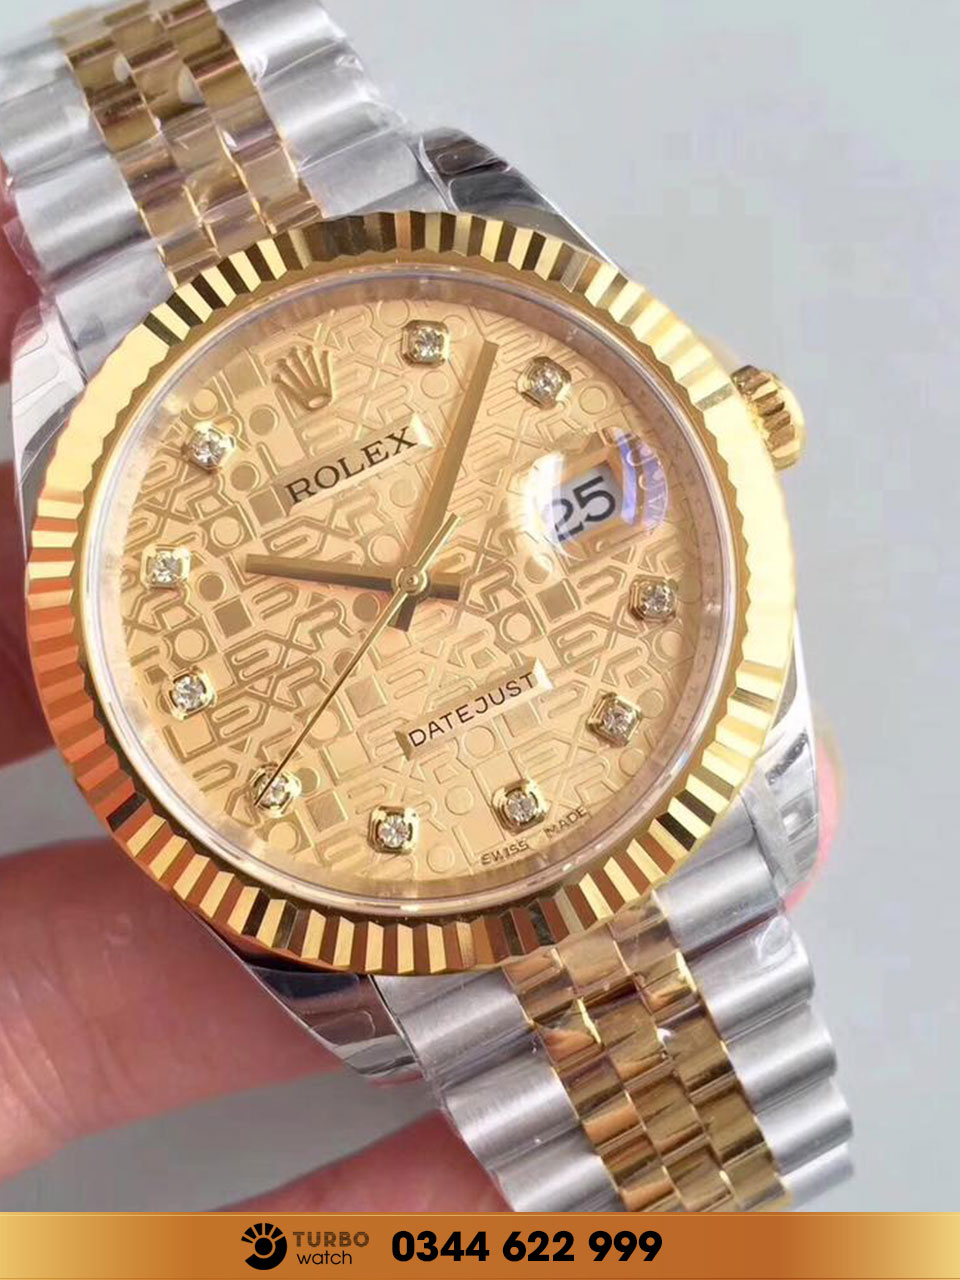 Đồng hồ Rolex chất lượng cao tại Turbo Watch